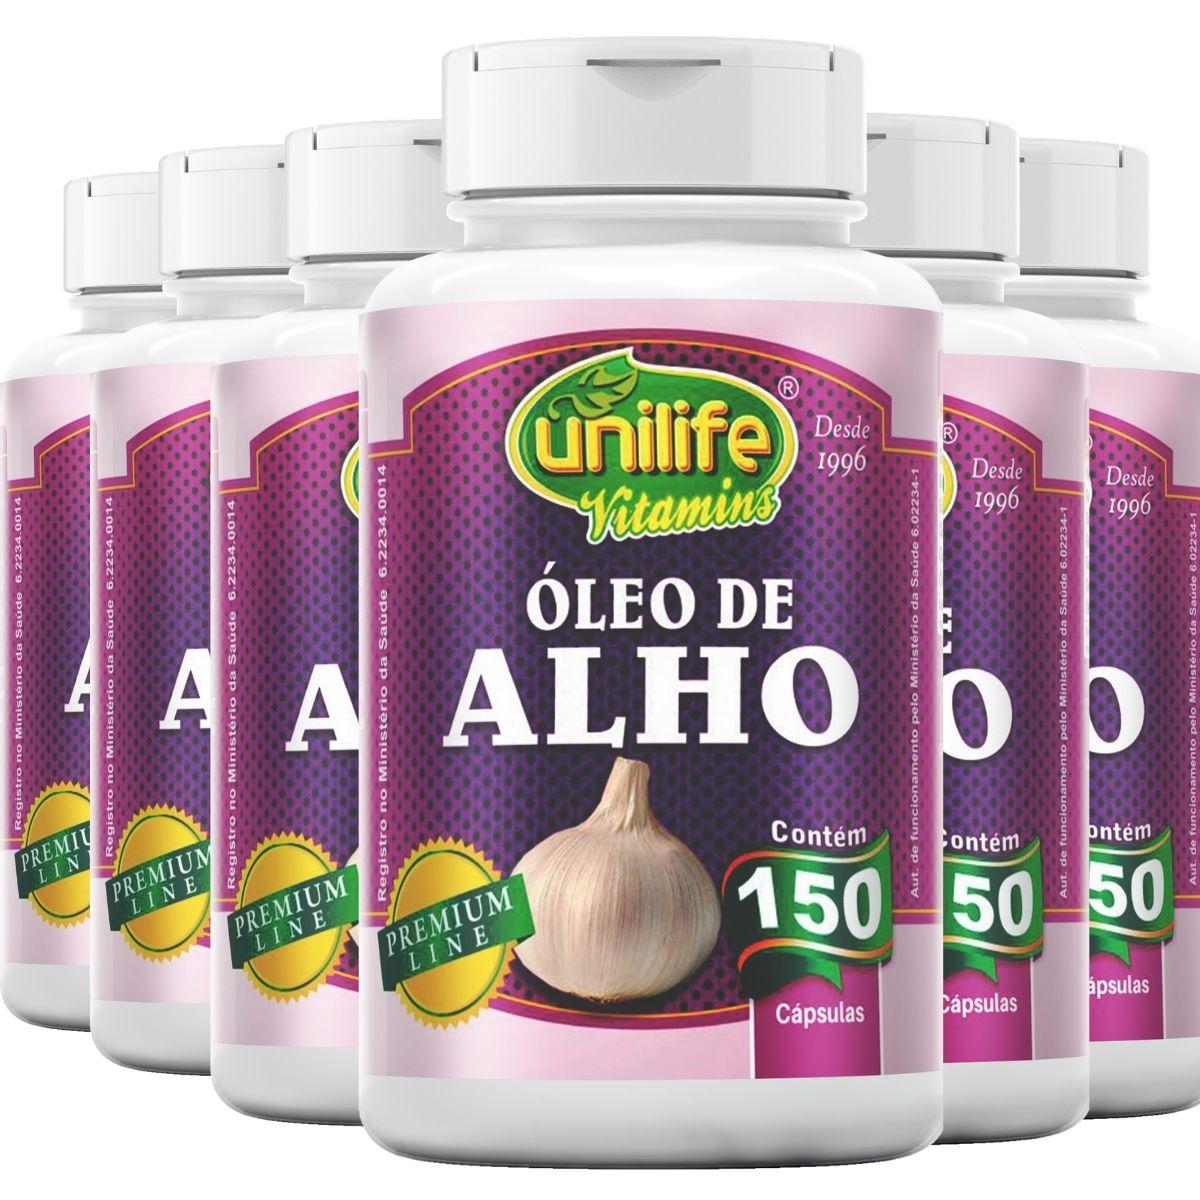 Kit 6 Óleo de Alho 150 Cápsulas 350mg - Unilife